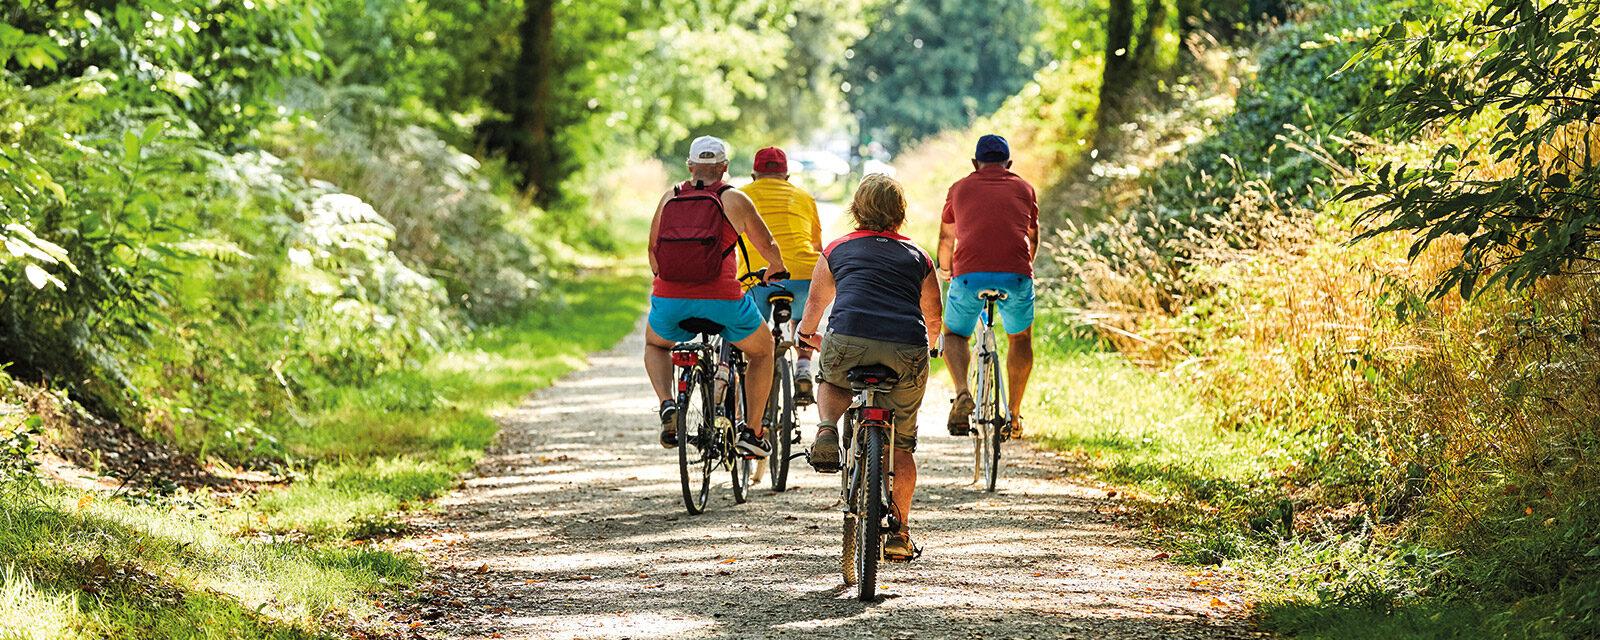 Mountain bike route of Locjean